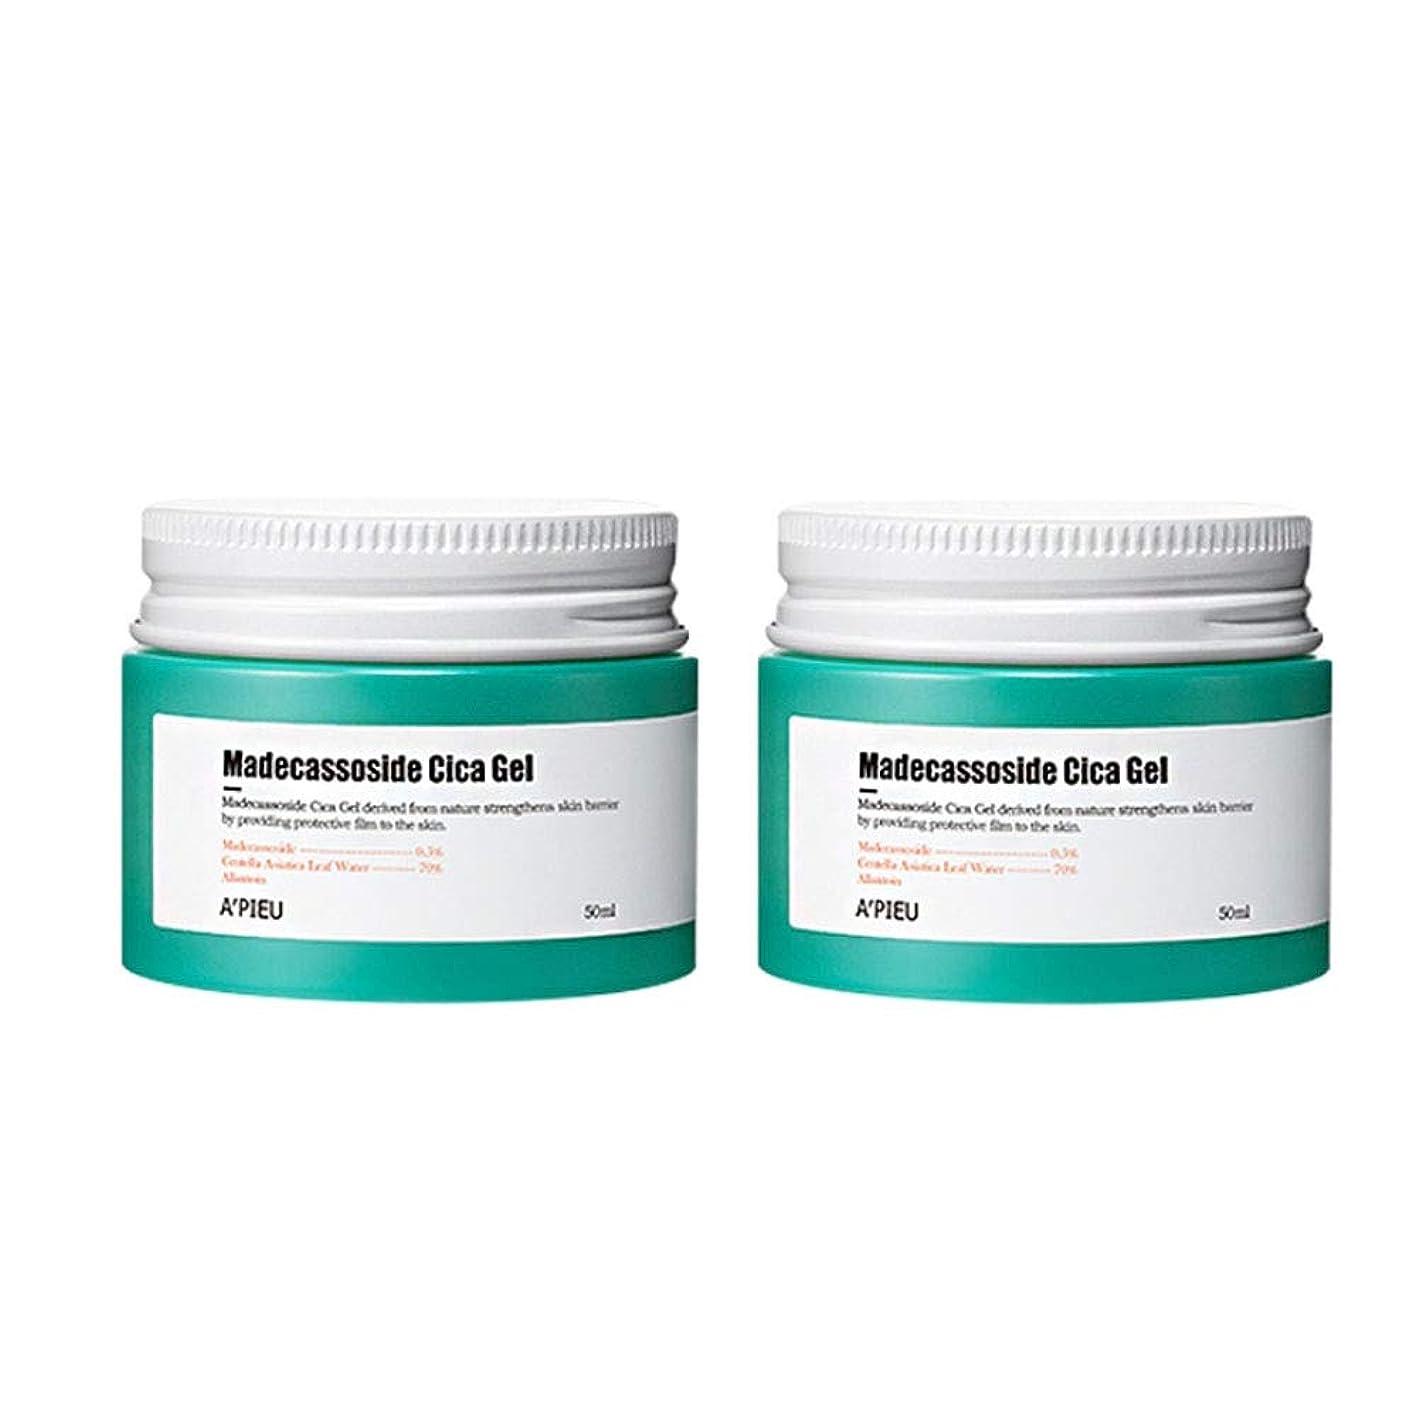 エージェントレンディション口述するオピュマデカソサイドシカゲル50ml x2本セット皮膚の損傷の改善、A'pieu Madecassoside Cica Gel 50ml x 2ea Set Skin Damage Care [並行輸入品]